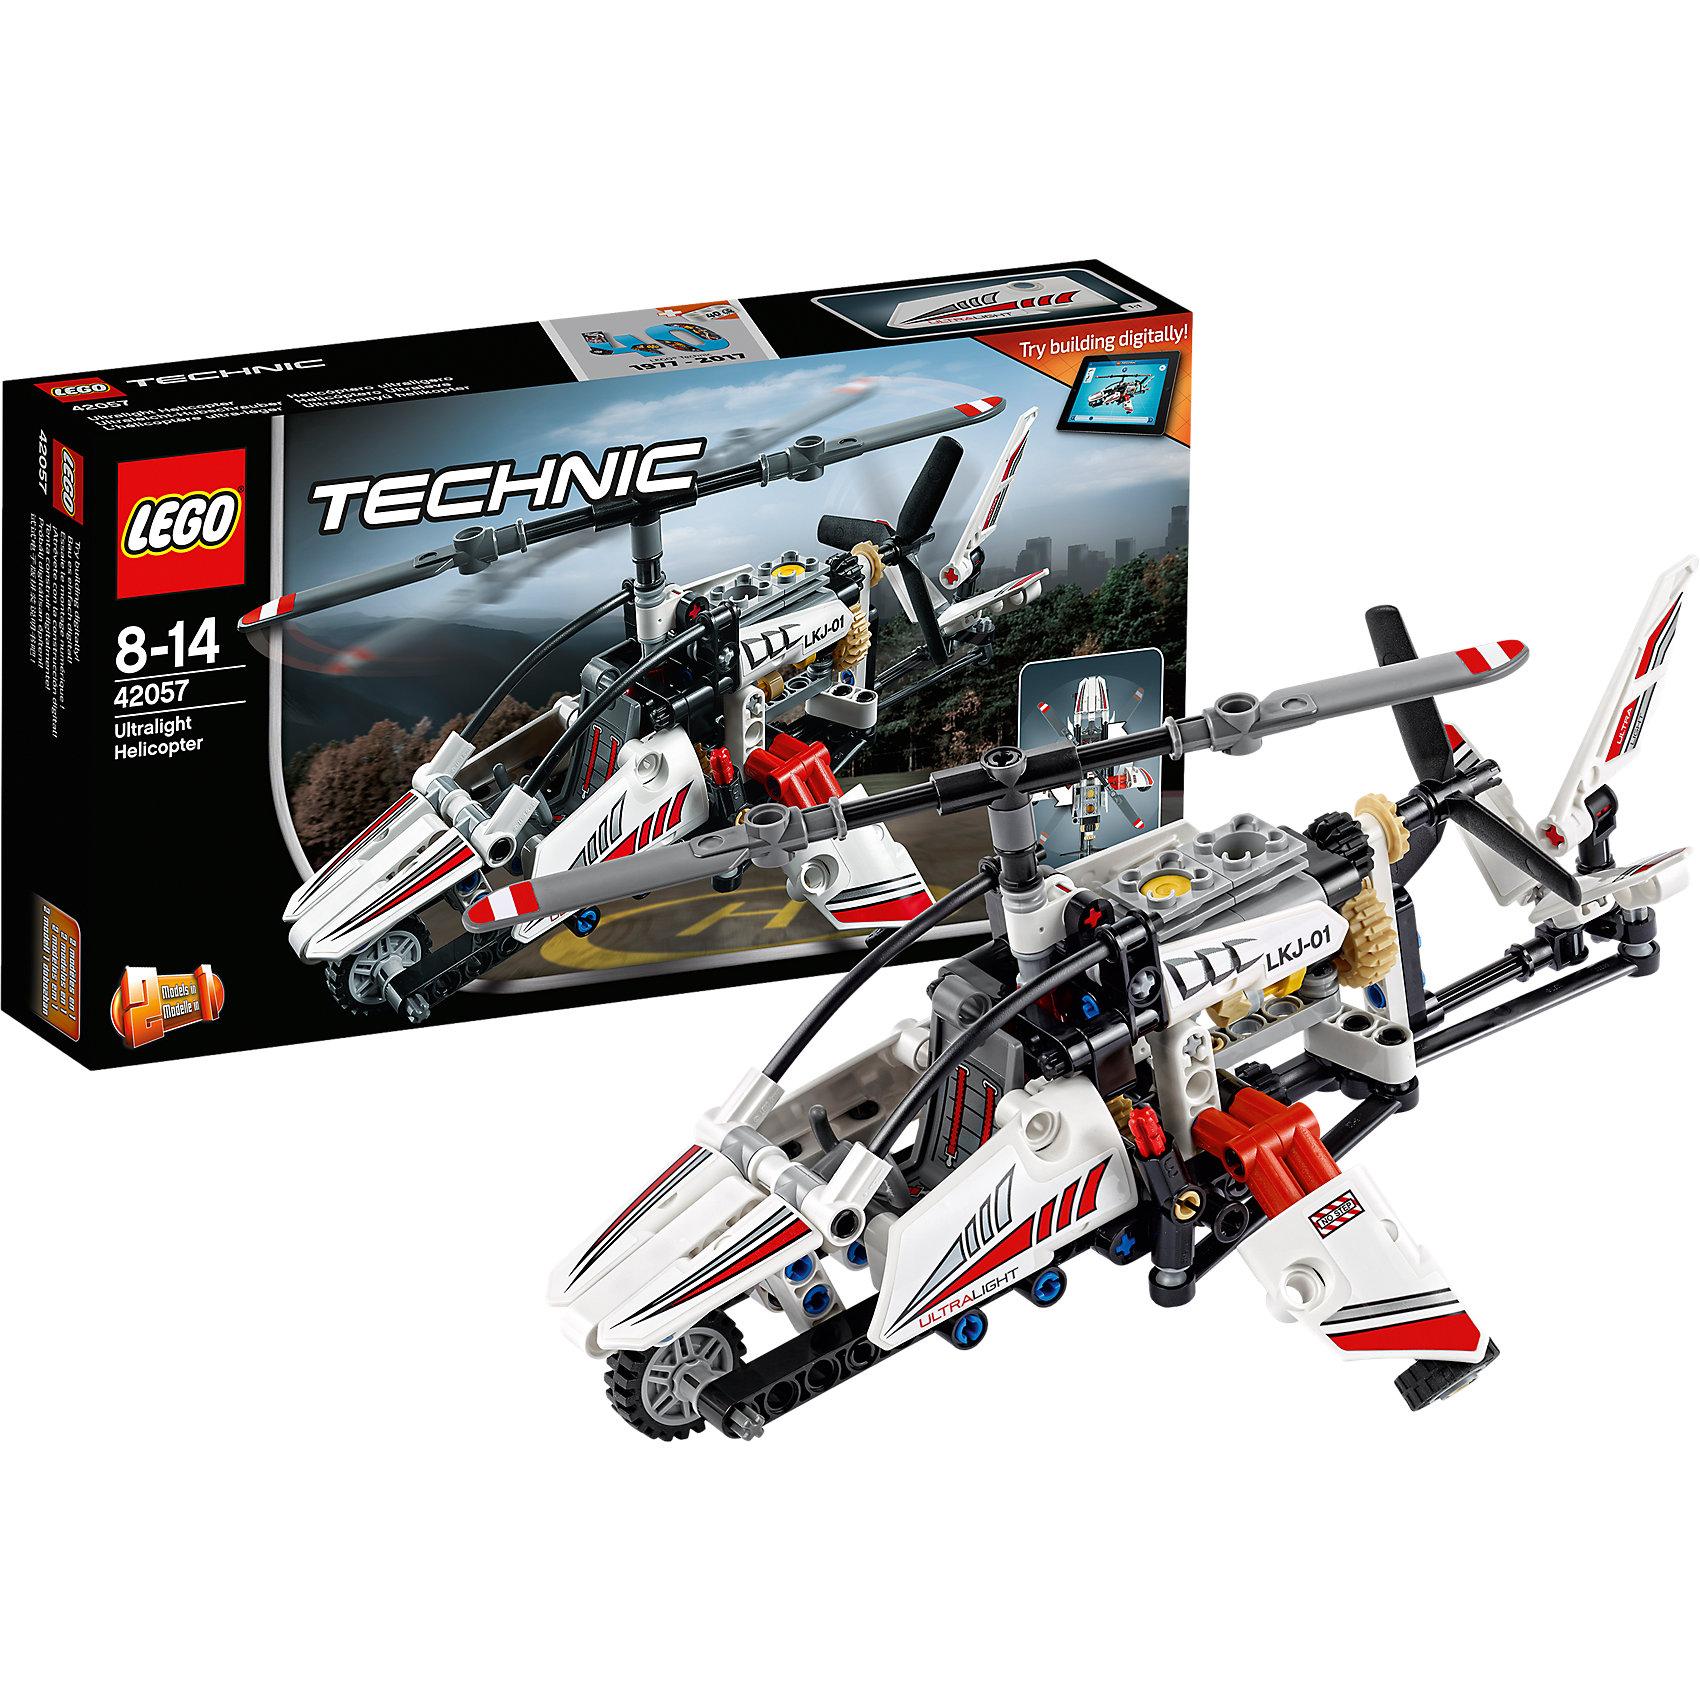 LEGO Technic 42057: Сверхлёгкий вертолётLEGO Technic 42057: Сверхлёгкий вертолёт<br><br>Характеристики:<br><br>- в набор входит: детали вертолёта, наклейки, инструкция по сборке<br>- состав: пластик<br>- количество деталей: 199<br>- приблизительное время сборки: 40 мин.<br>- размер вертолёта: 25 * 12 * 18 см.<br>- размер самолёта: 25 * 12 * 18 см.<br>- для детей в возрасте: от 8 до 14 лет<br>- Страна производитель: Дания/Китай/Чехия<br><br>Легендарный конструктор LEGO (ЛЕГО) представляет серию «Technic», которая бросает вызов уже опытным строителям ЛЕГО. <br><br>Ваш ребенок может строить продвинутые модели с реальными функциями, такими как коробки передач и системы рулевого управления. В набор включена деталь, посвященная сорокалетию серии. Наслаждайтесь строительством нового одноместного сверхлёгкого вертолета с открытой кабиной, а также крутящимися верхними и боковыми лопастями. Эта реалистичная модель необычного вертолёта может быть перестраивается в экспериментальный самолёт и обе модели имеют дополнительные объемные интерактивные инструкции на веб-сайте ЛЕГО. <br><br>Очень детализированнные наклейки корпуса и кабины пилота добавляют реалистичности вертолёту. Боковые и верхние лопасти крутятся благодаря механизму с шестерёнками, в вертолете так же имитируется работа двигателя. Направляющий хвост вертолёта двигается с помощью дополнительного механизма. Отличное сочетание функций и количества деталей позволит играть сразу с двумя моделями. <br><br>Играя с конструктором ребенок развивает моторику рук, воображение и логическое мышление, научится собирать по инструкции и создавать свои модели. Принимайте новые вызовы по сборке моделей и придумывайте новые истории с набором LEGO «Technic»!<br><br>Конструктор LEGO Technic 42057: Сверхлёгкий вертолёт можно купить в нашем интернет-магазине.<br><br>Ширина мм: 264<br>Глубина мм: 142<br>Высота мм: 53<br>Вес г: 293<br>Возраст от месяцев: 96<br>Возраст до месяцев: 168<br>Пол: Мужской<br>Возраст: Детский<br>SKU: 5002417